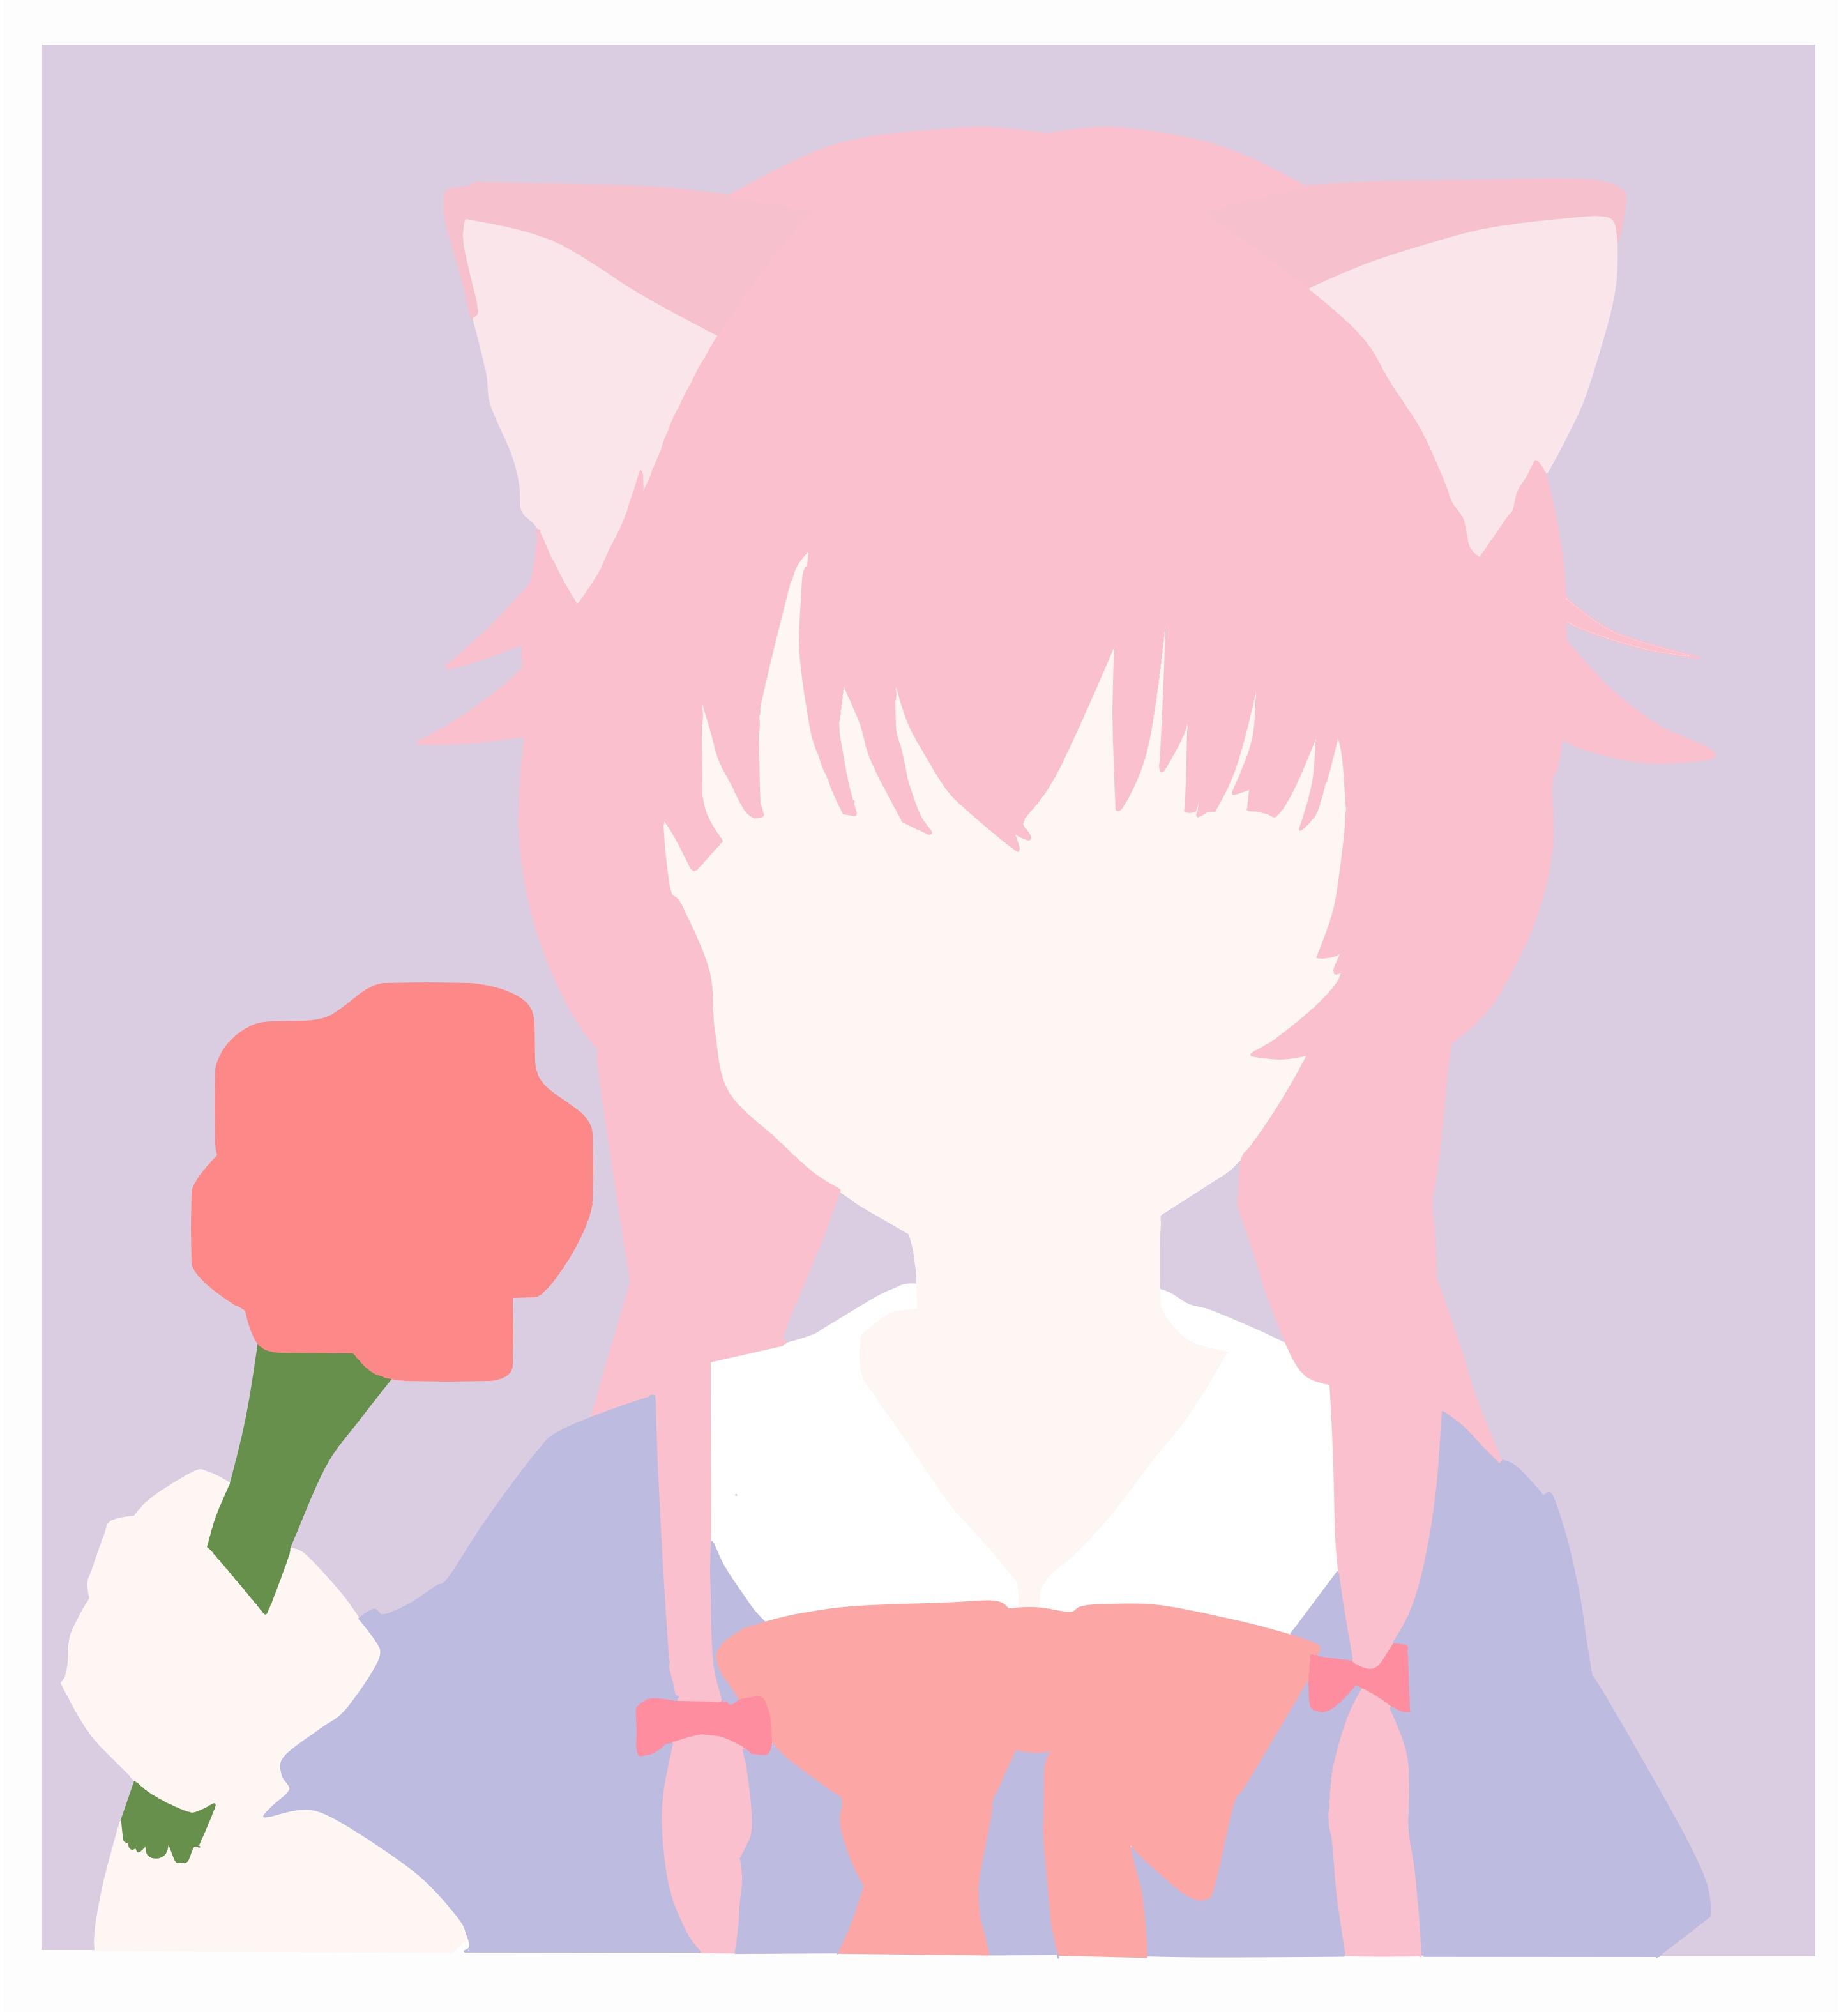 Art ID: 91043